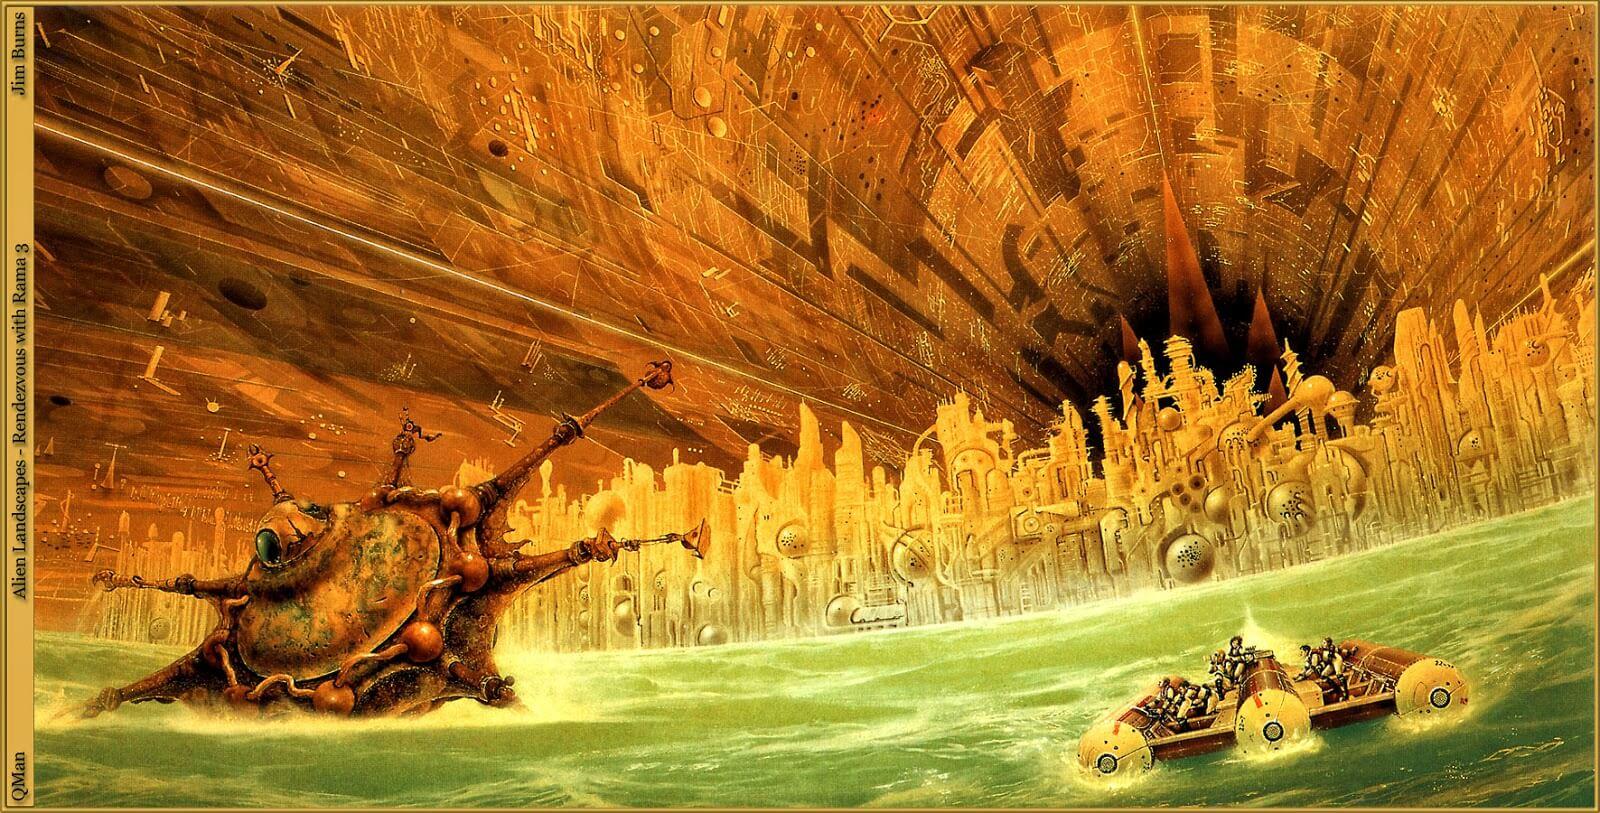 Cita con Rama es un clásico del género de la ciencia ficción escrito por Arthur C. Clarke en 1973.